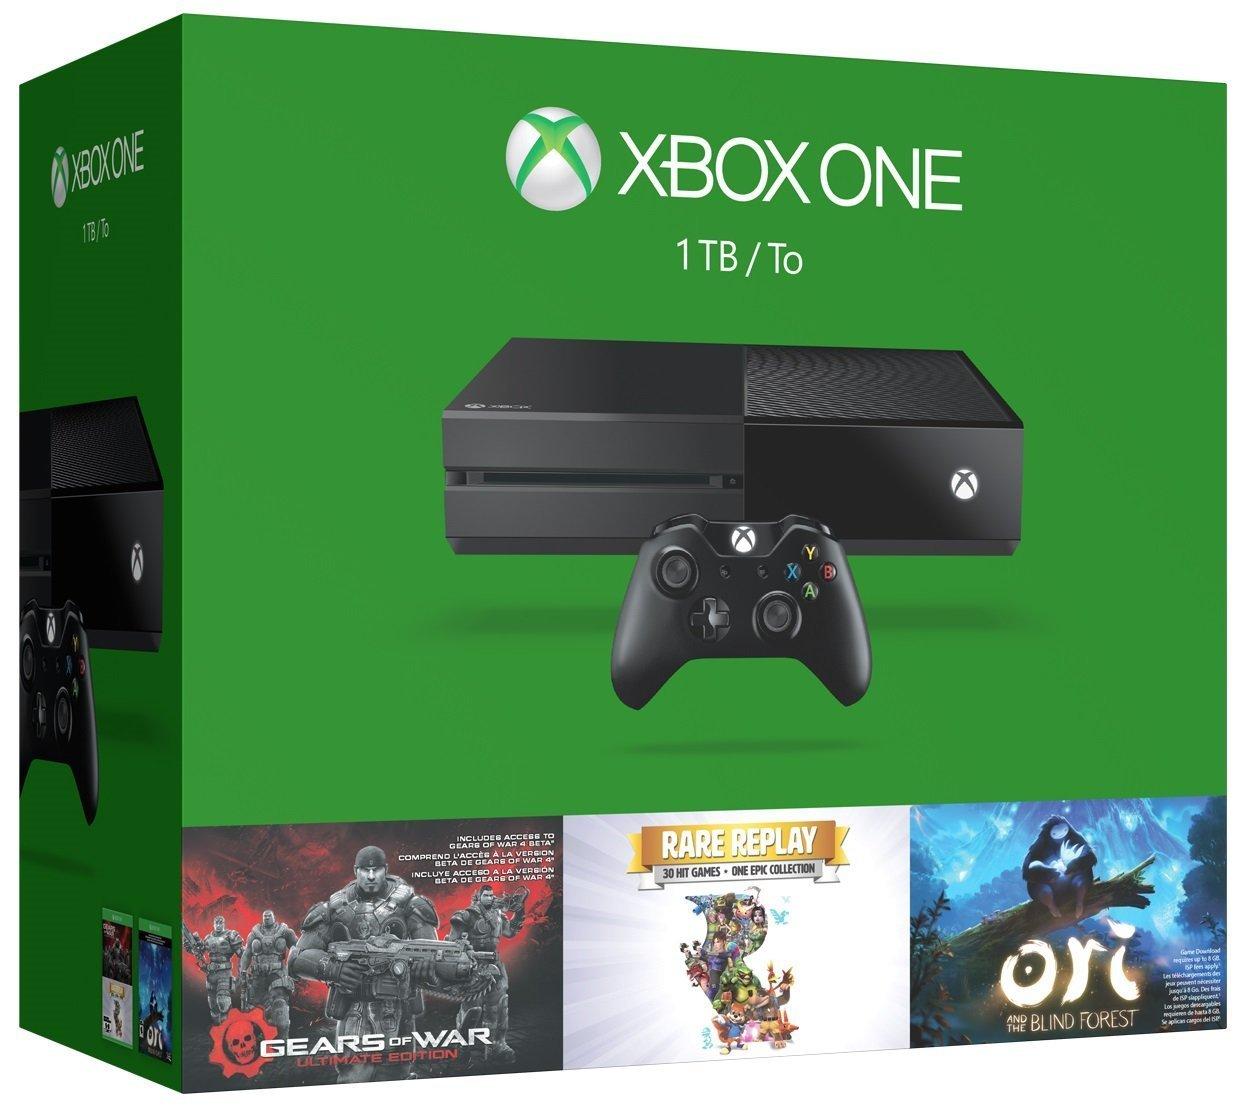 сэр Макс Фрай и его новый огромный черный зверь по имени Xbox One! - Изображение 1